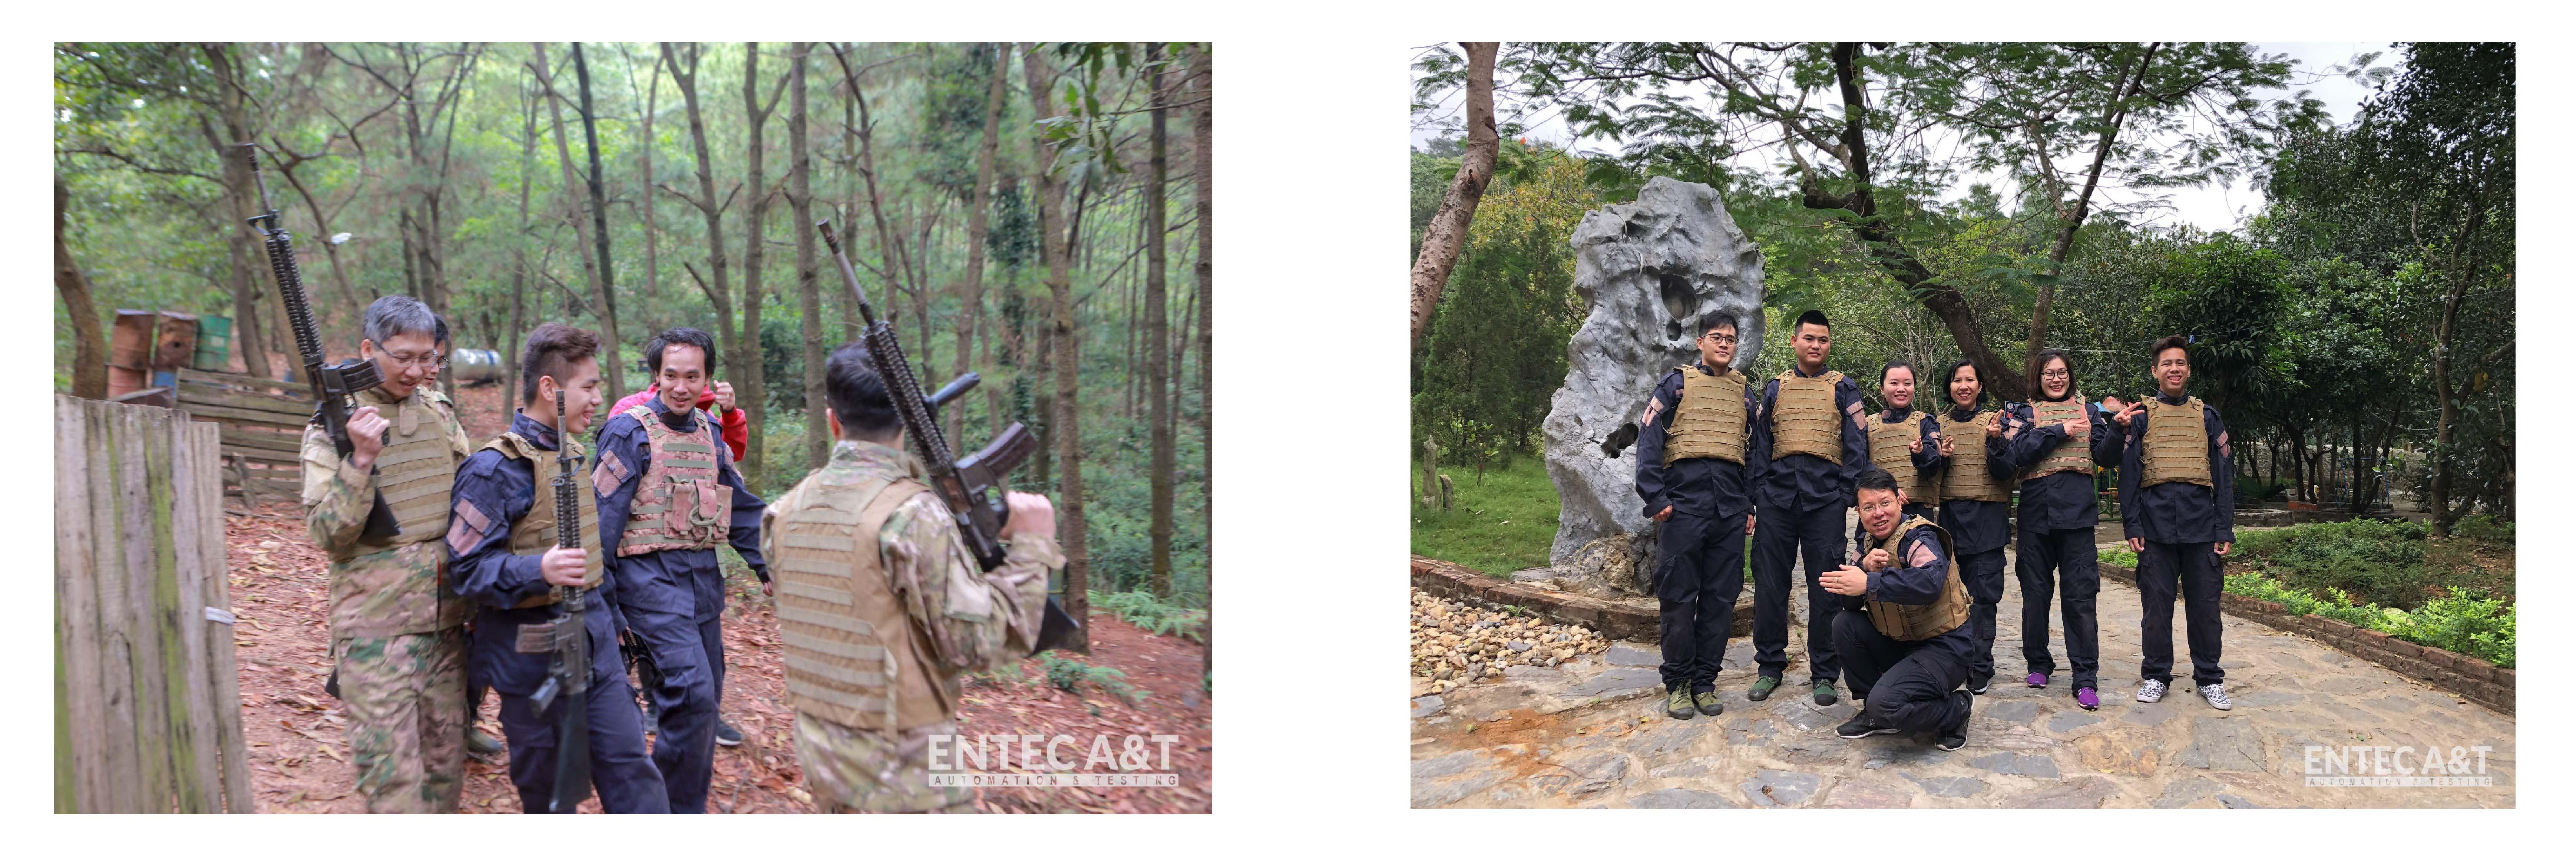 ENTEC A&T 3rd Bday-10